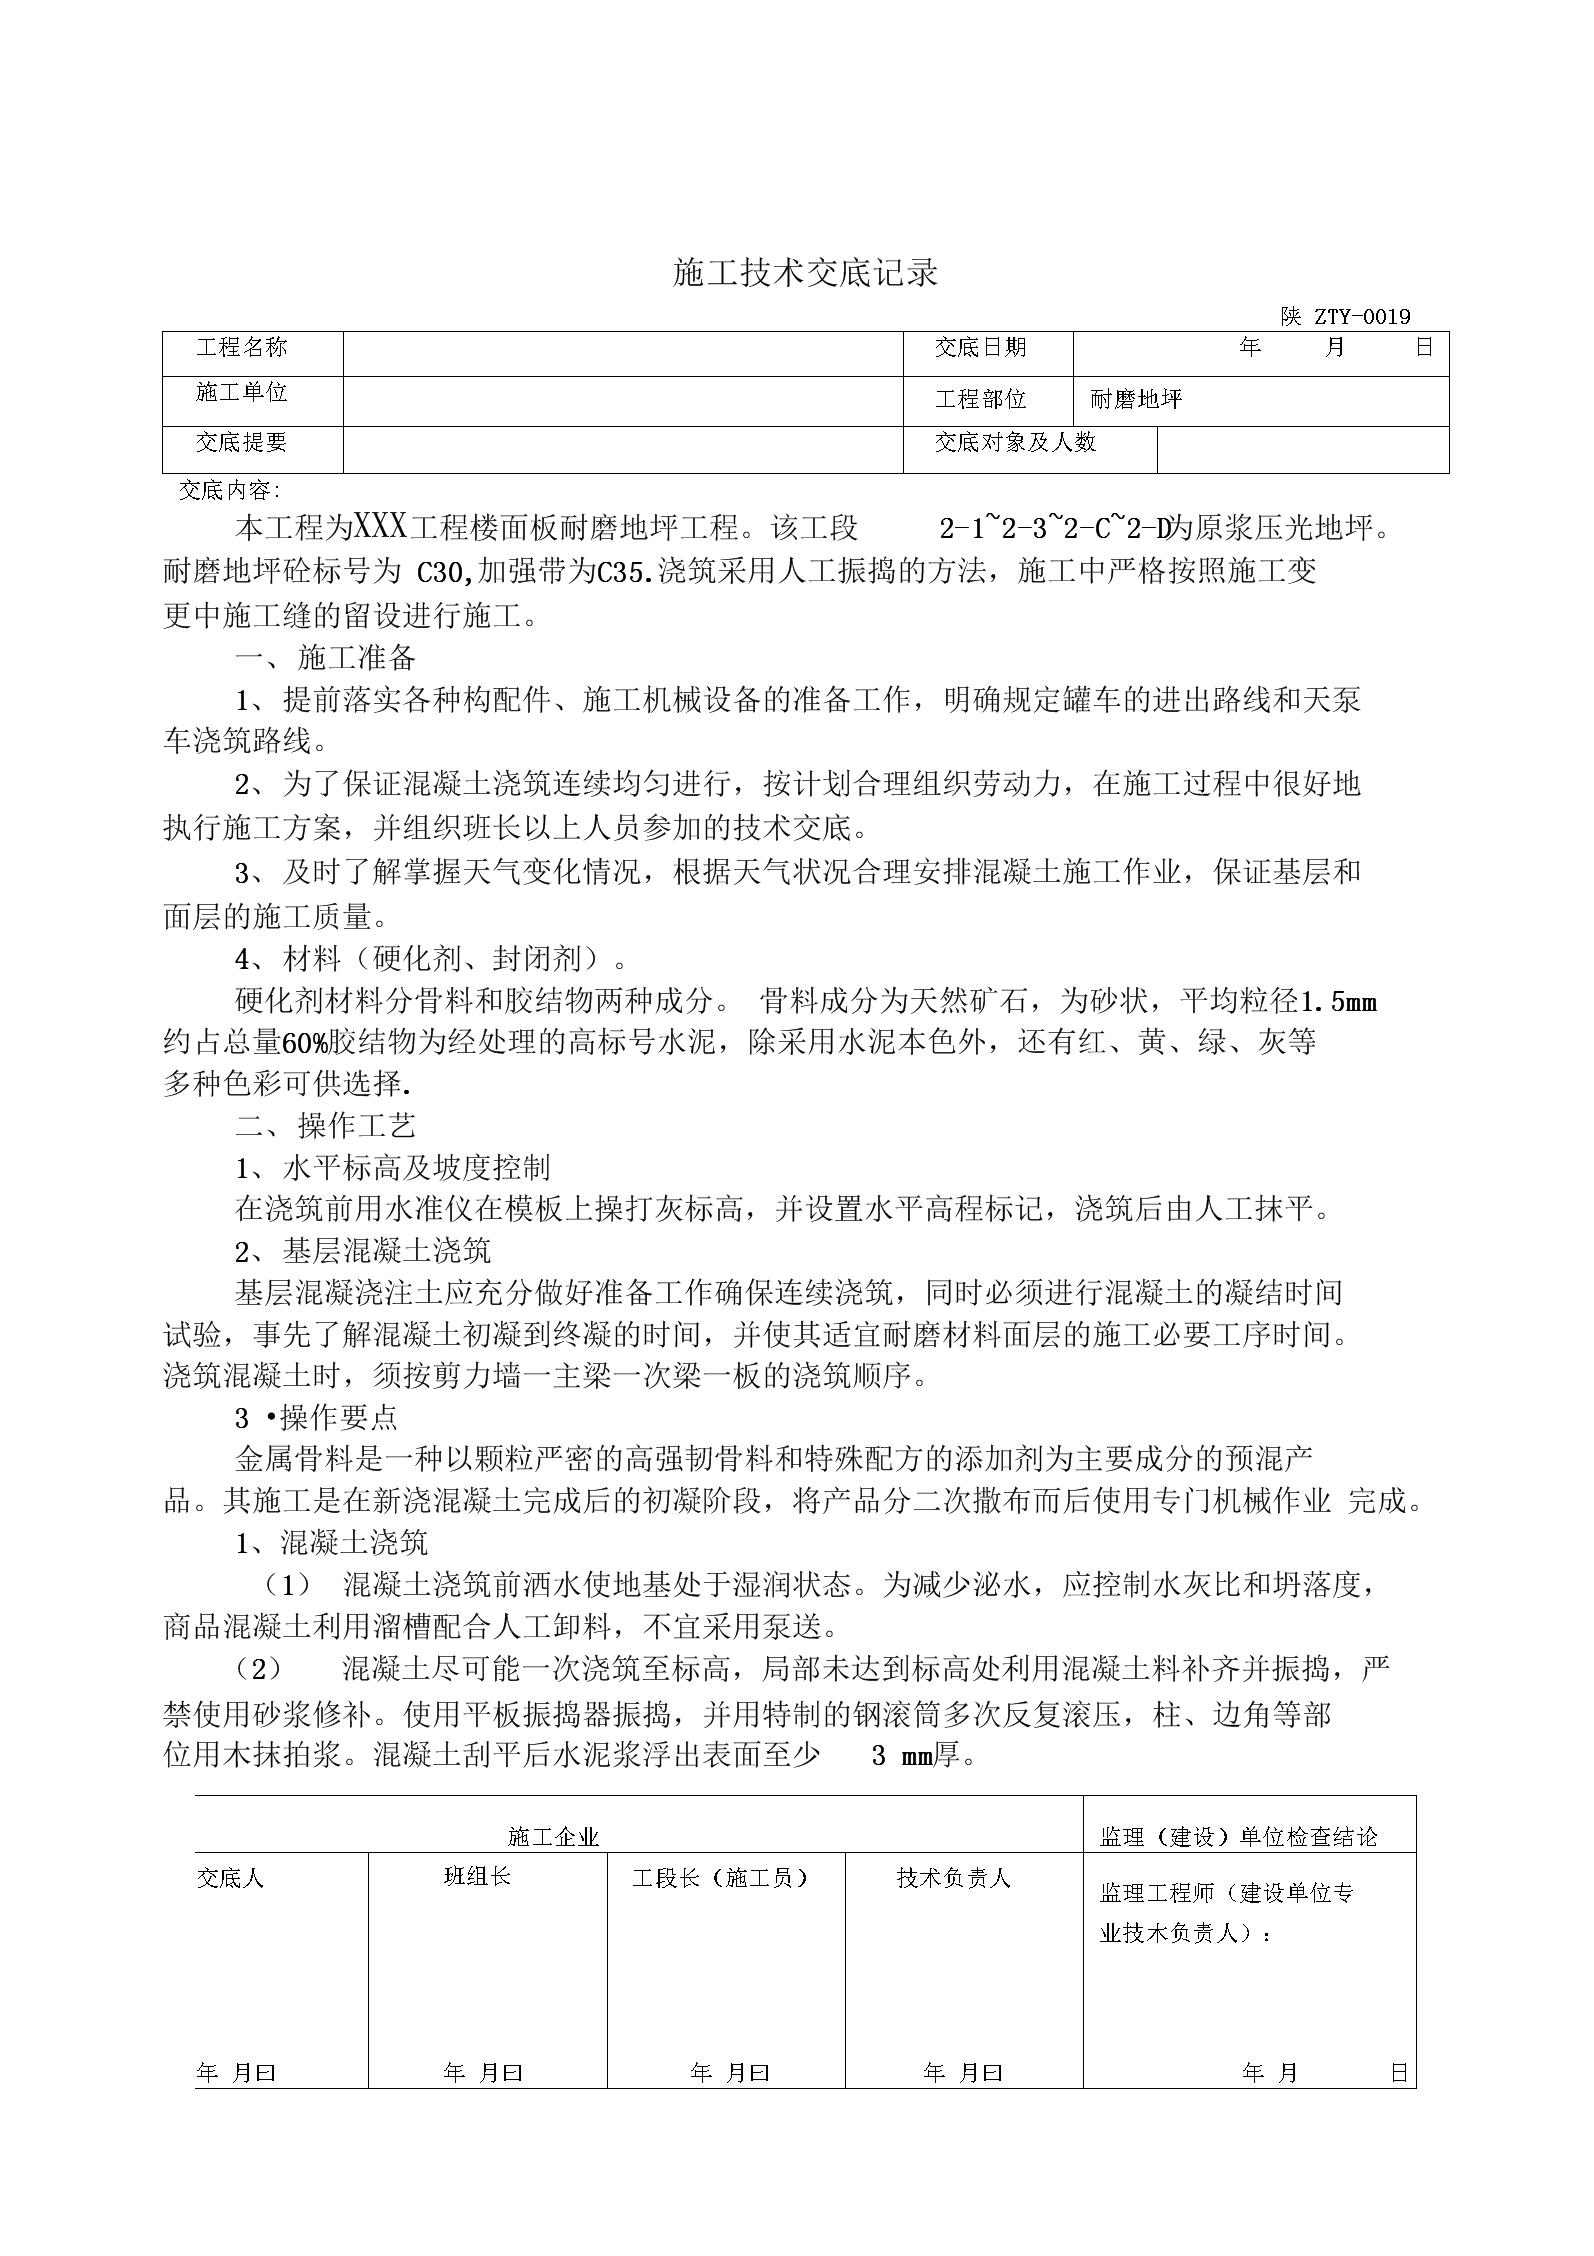 技术交底-耐磨地坪.docx